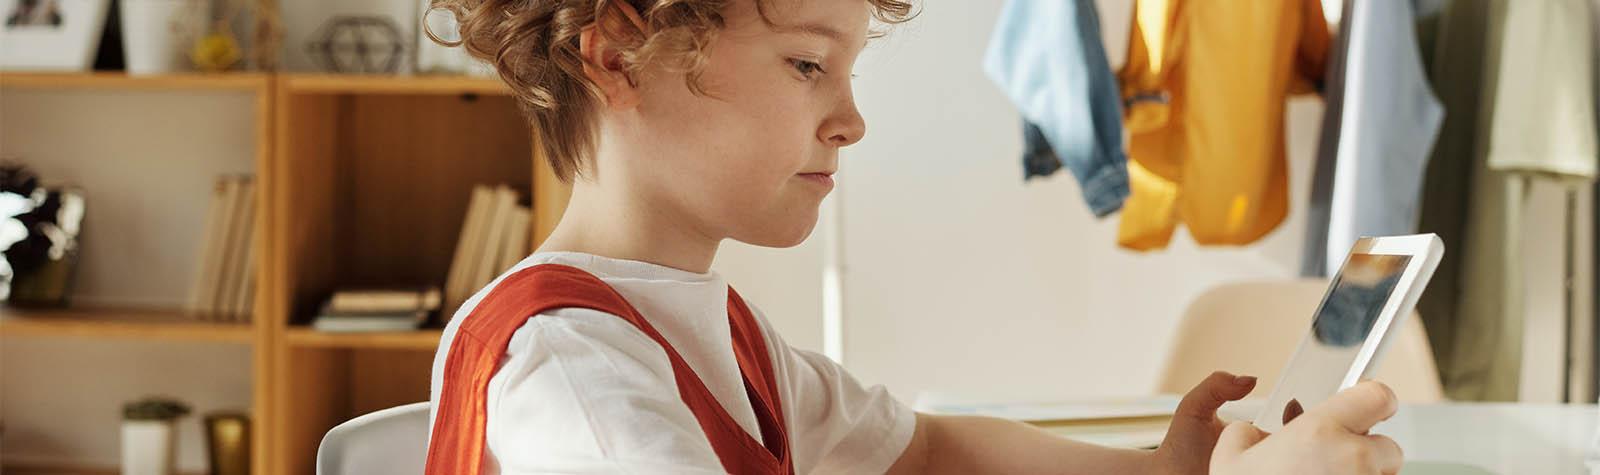 Hoe beveilig je mobiele apparaten voor kinderen?